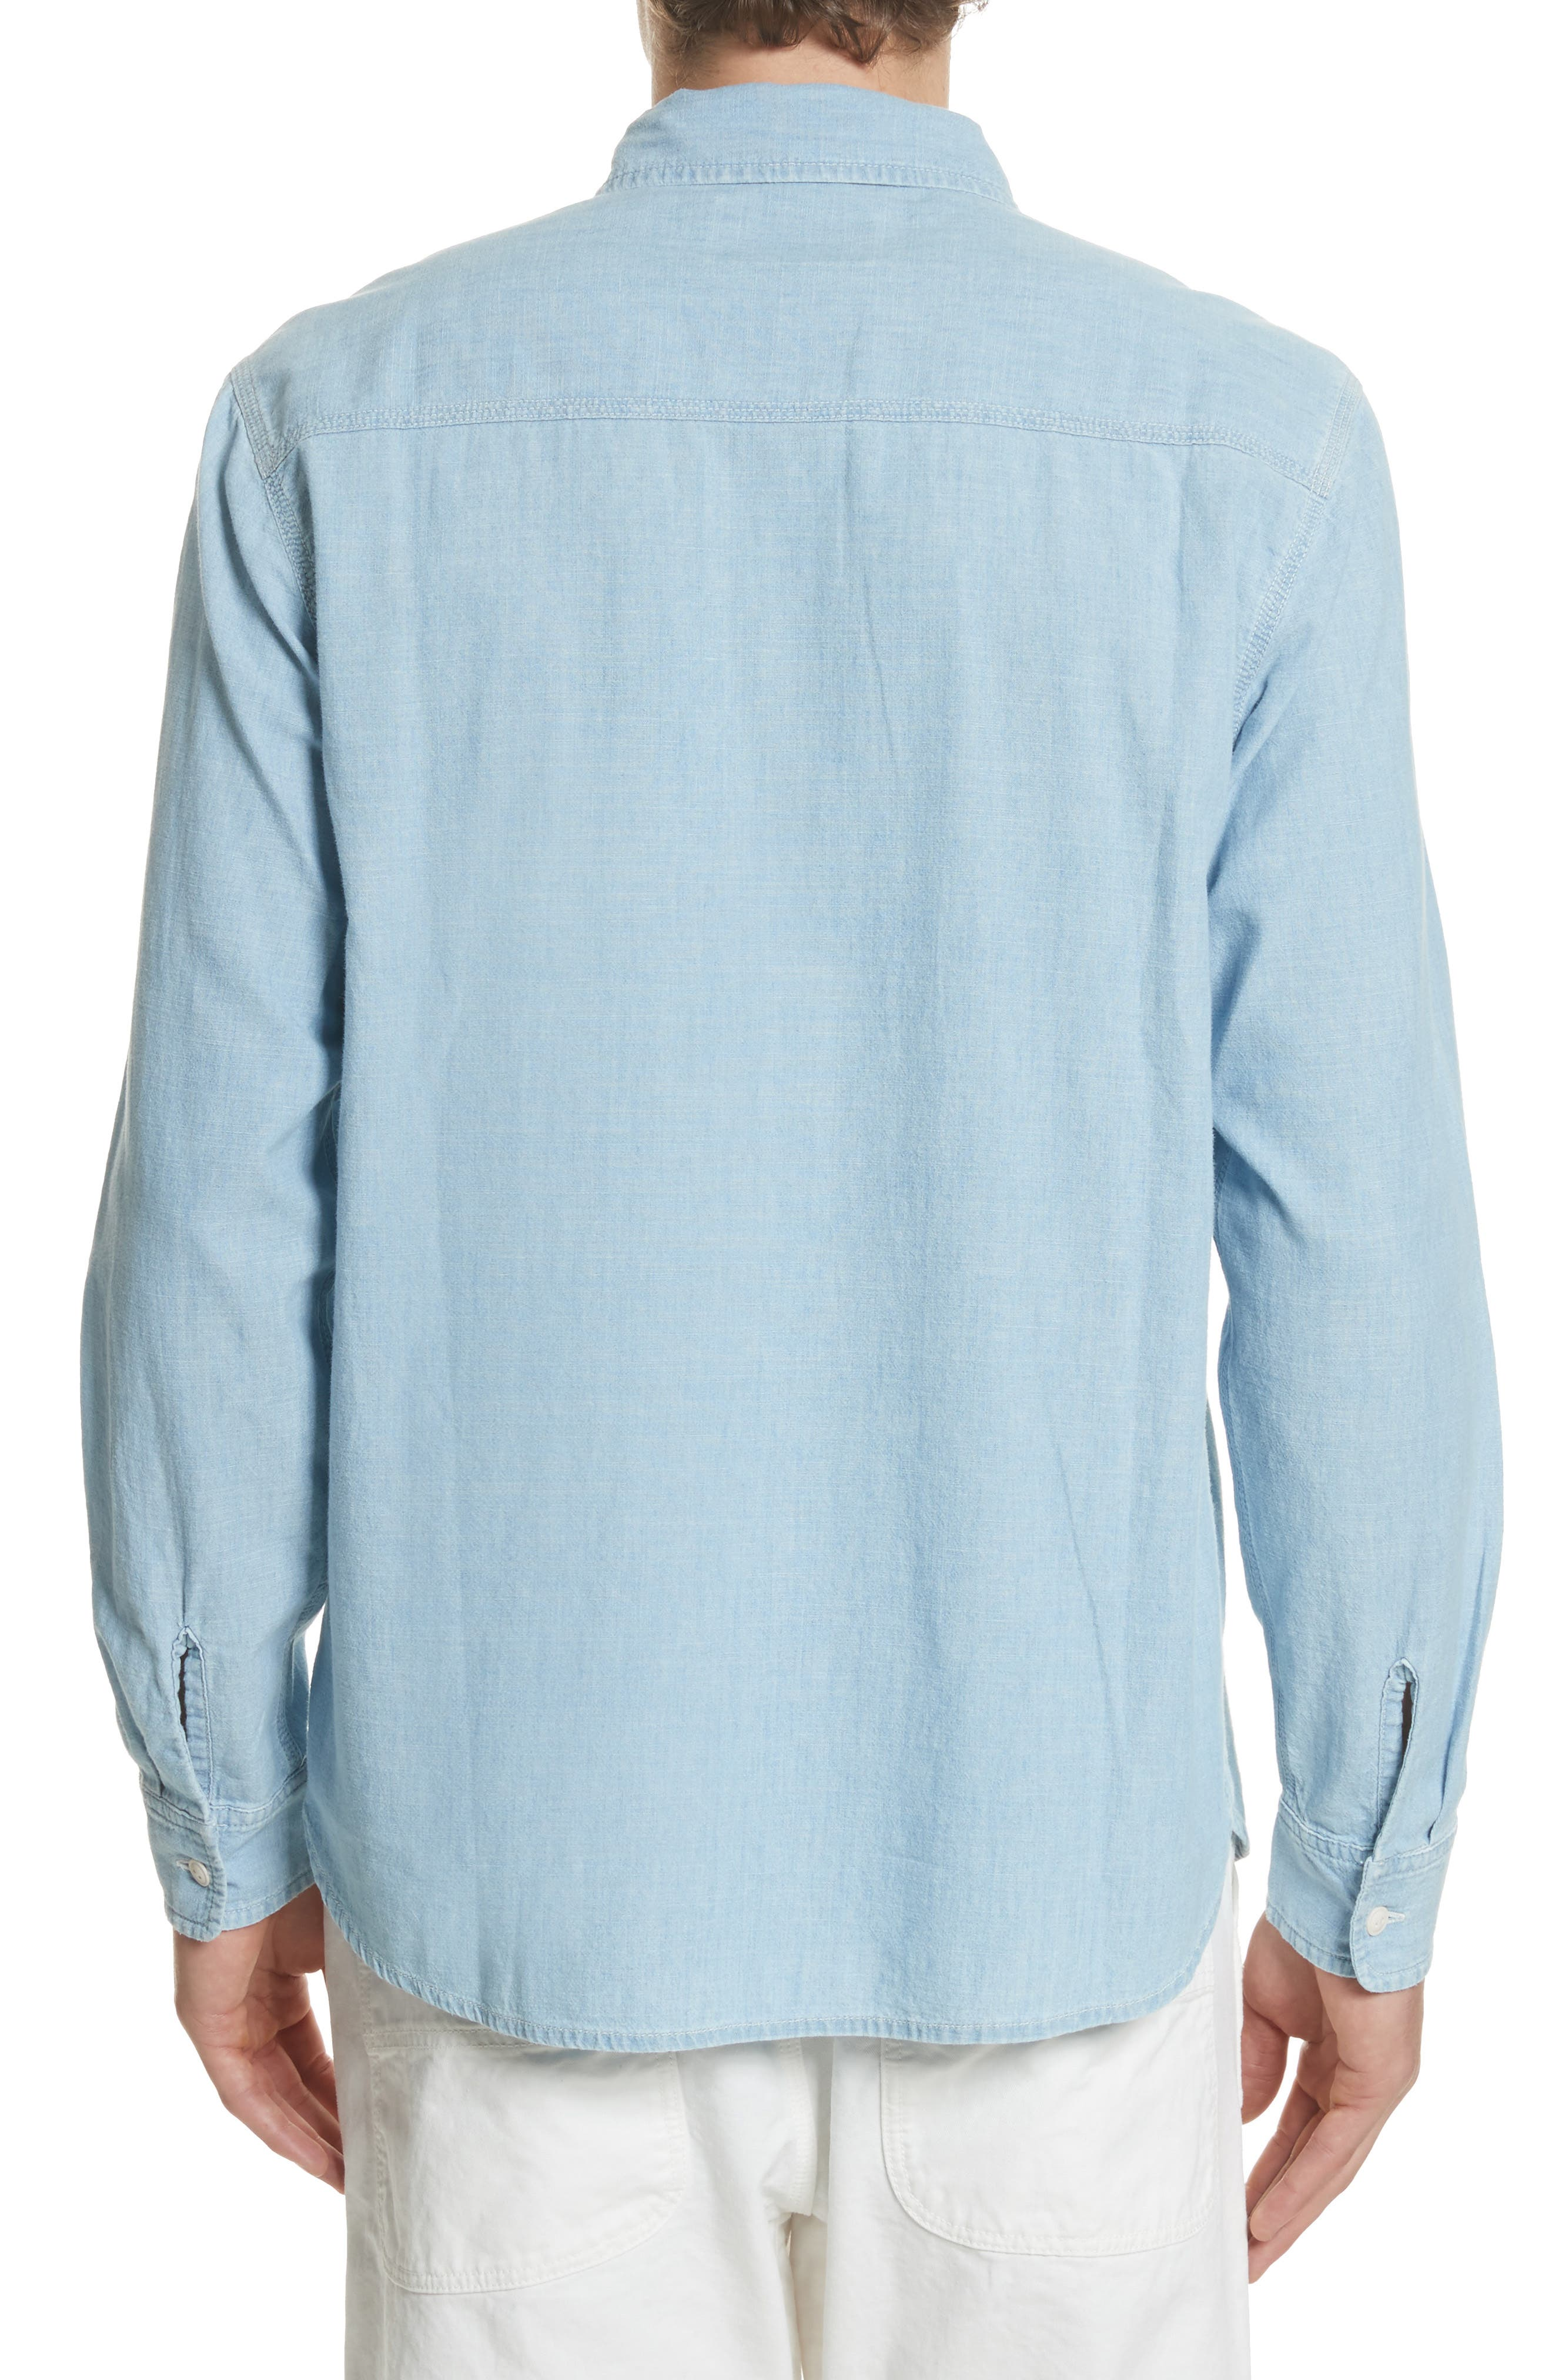 Clink Chambray Shirt,                             Alternate thumbnail 2, color,                             460